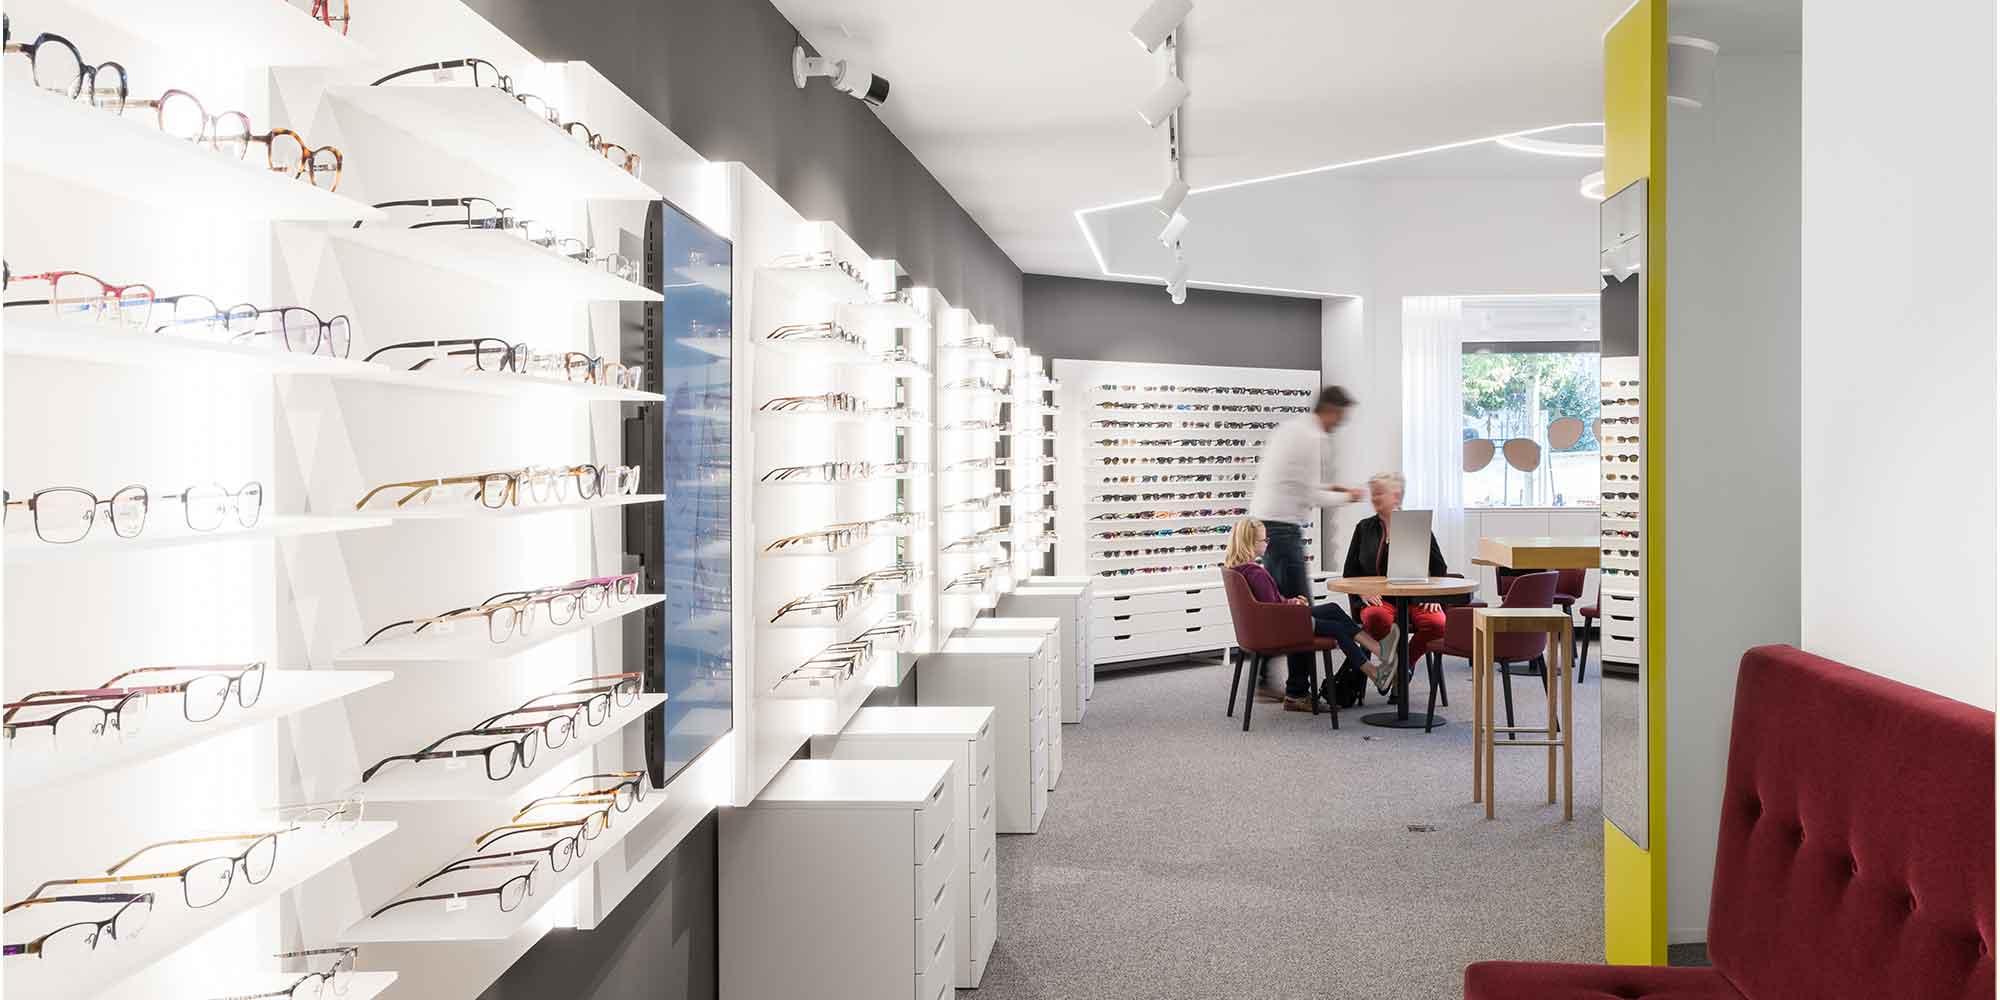 Nahaufname der Ladengestelle mit den Brillen eines Optikergeschäftes. die Stromschienenstrahler leuchten die Gestelle optimal aus.